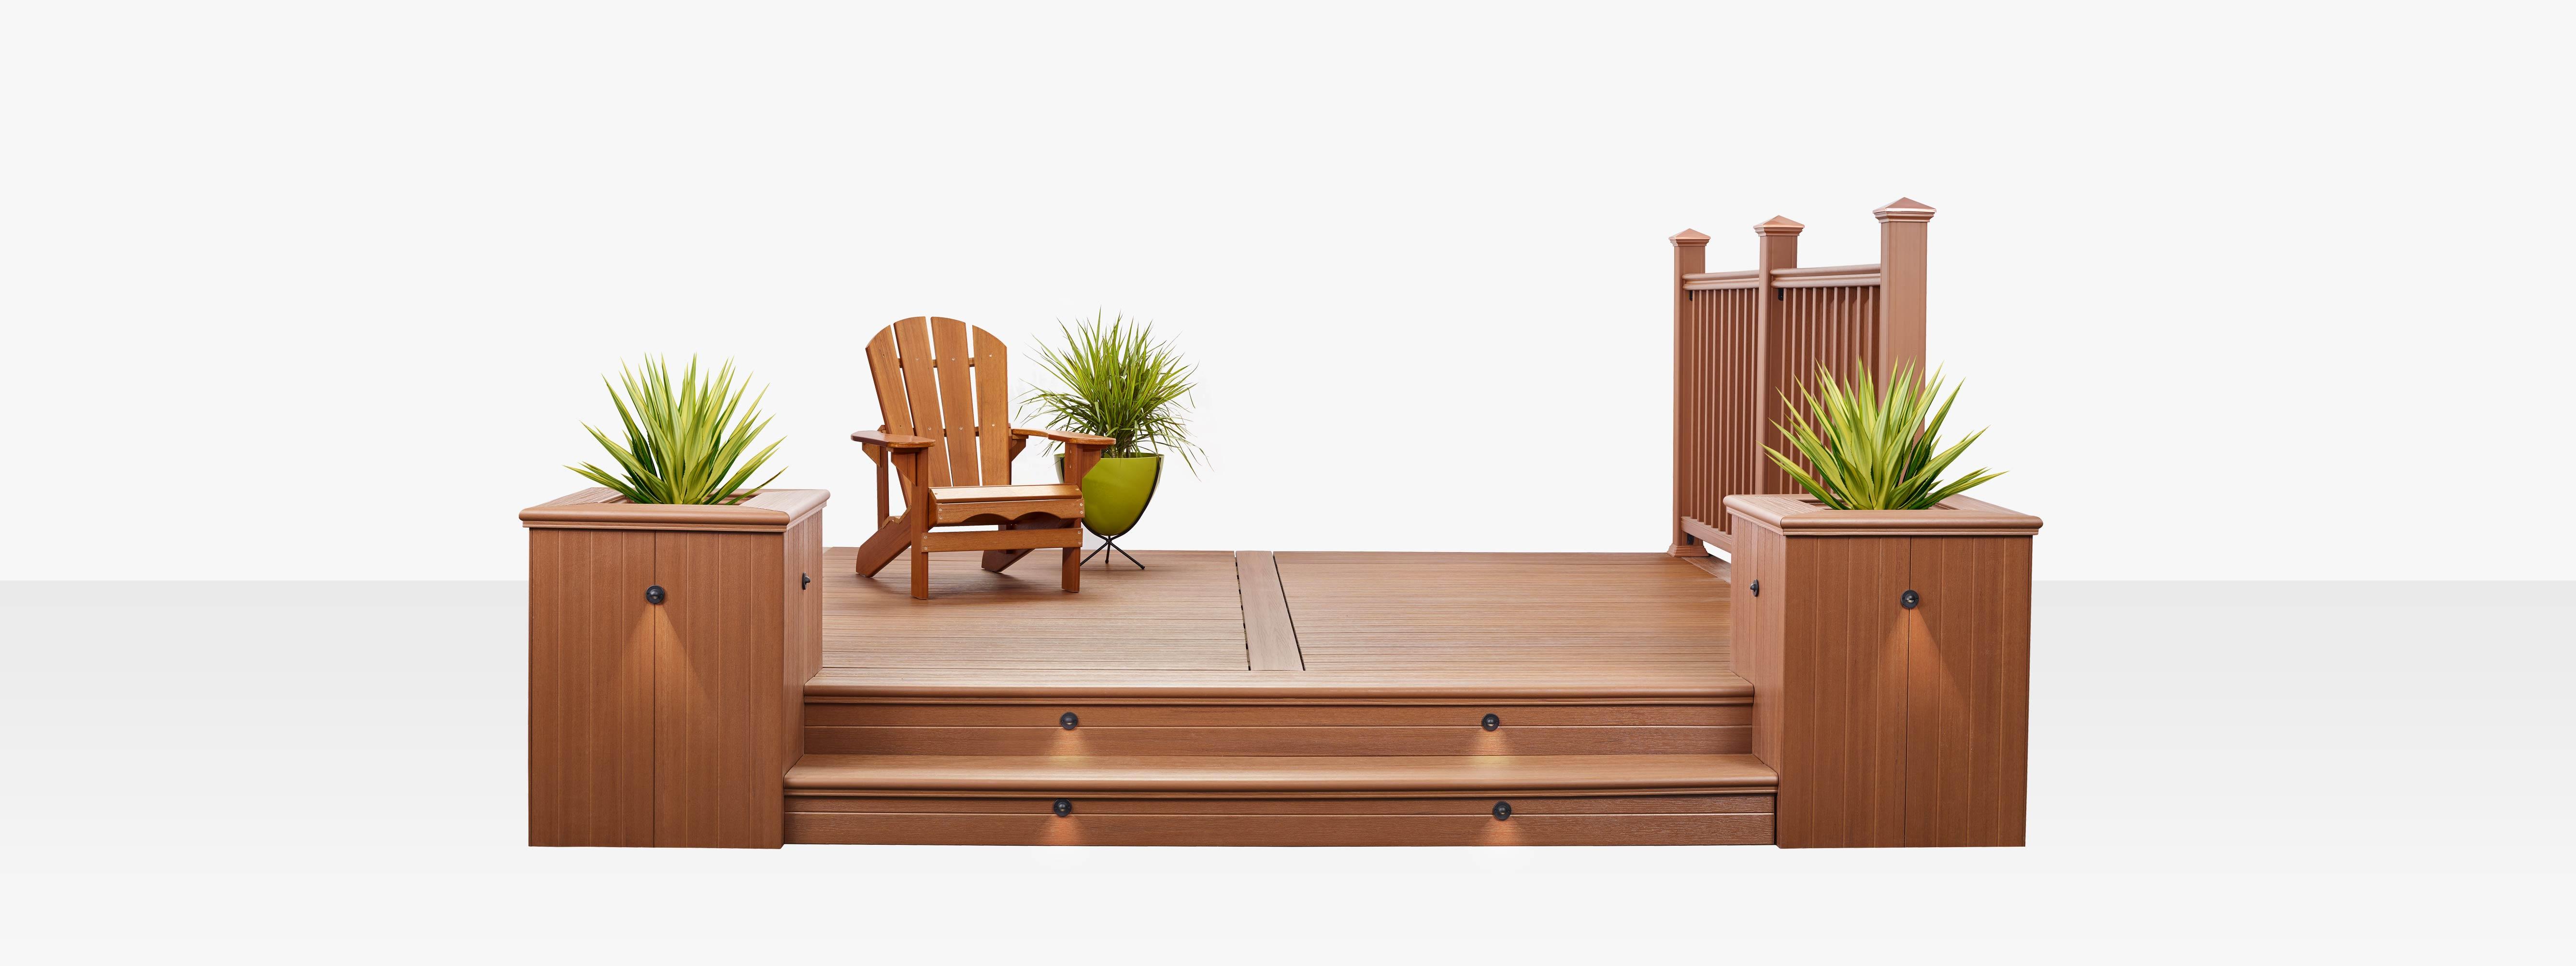 Terrassendielen – Aura™ Outdoor Living